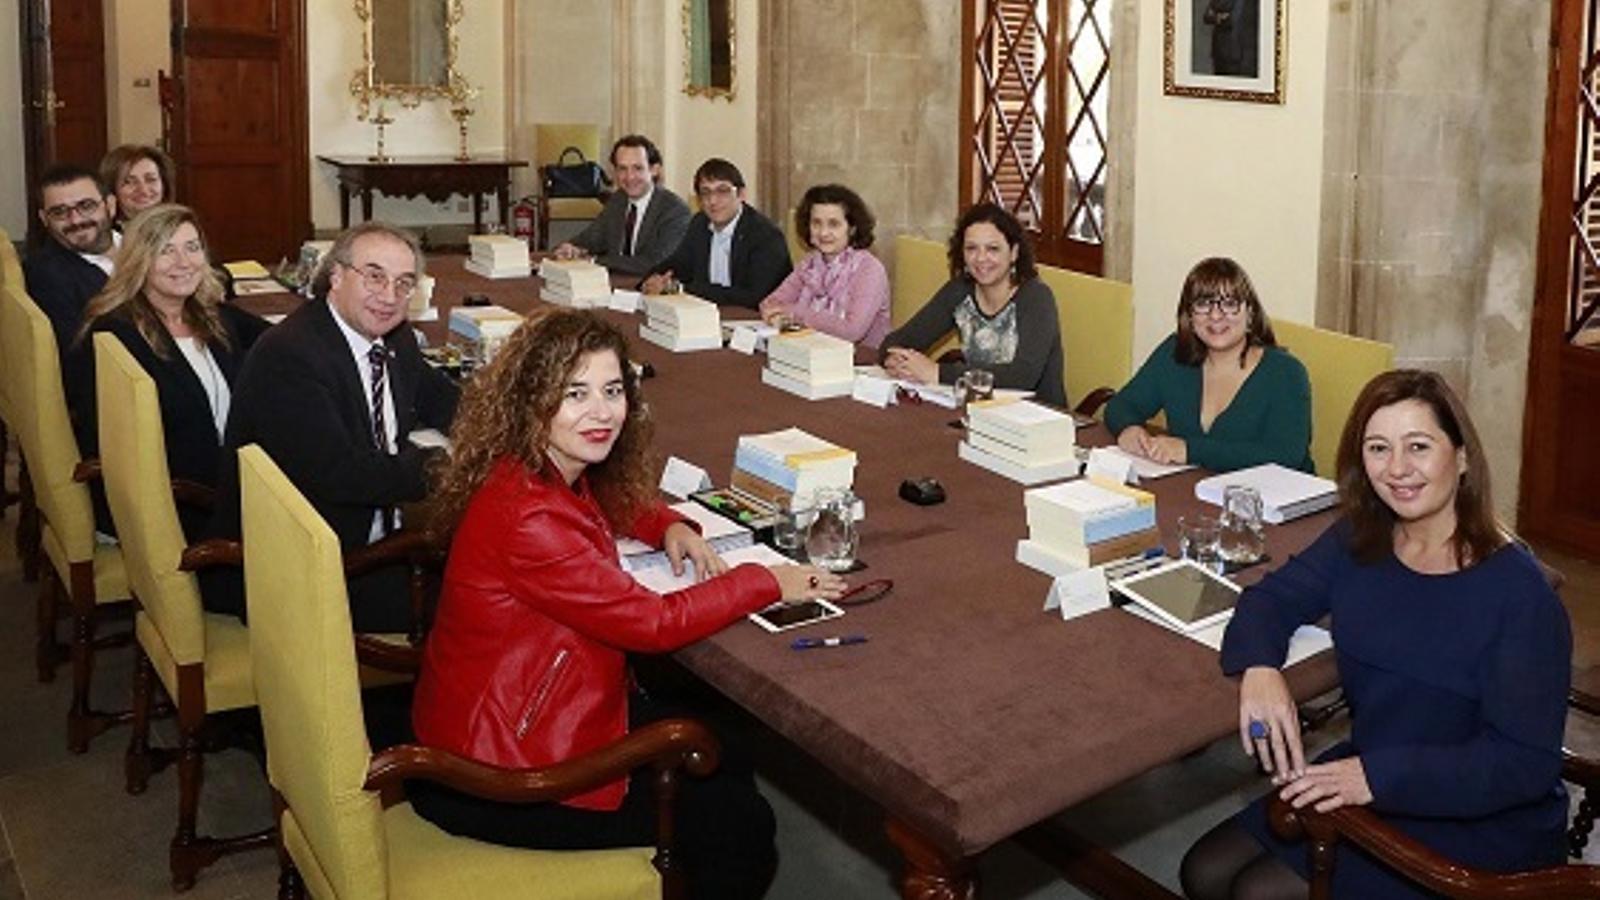 Imatge de la reunió dels consellers i la presidenta del Govern, Francina Armengol